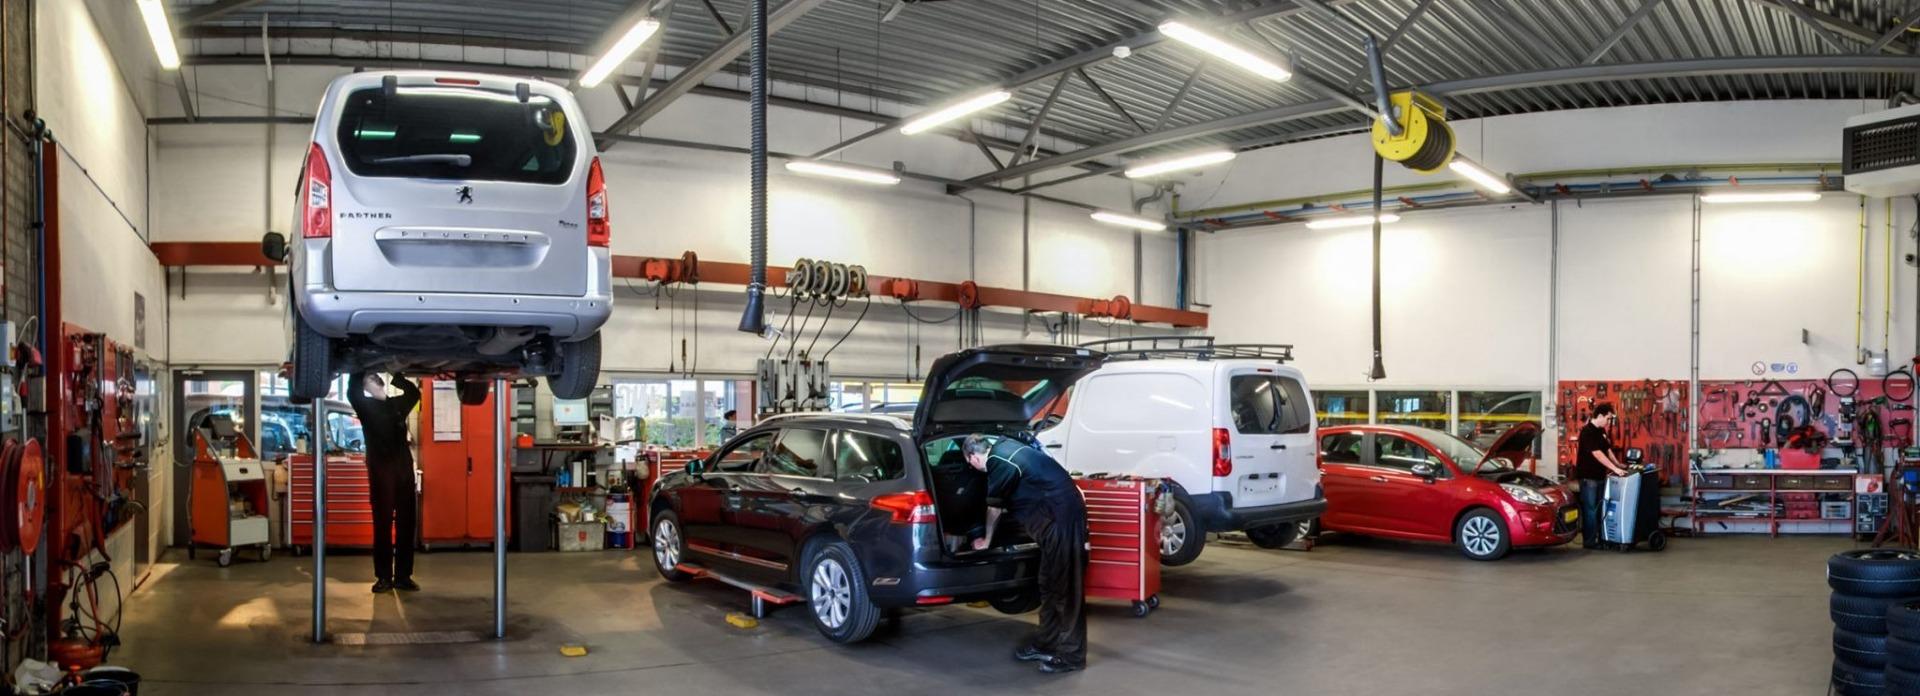 Zeer complete werkplaats Autobedrijf Bart Ebben voor Citroen Peugeot Renault